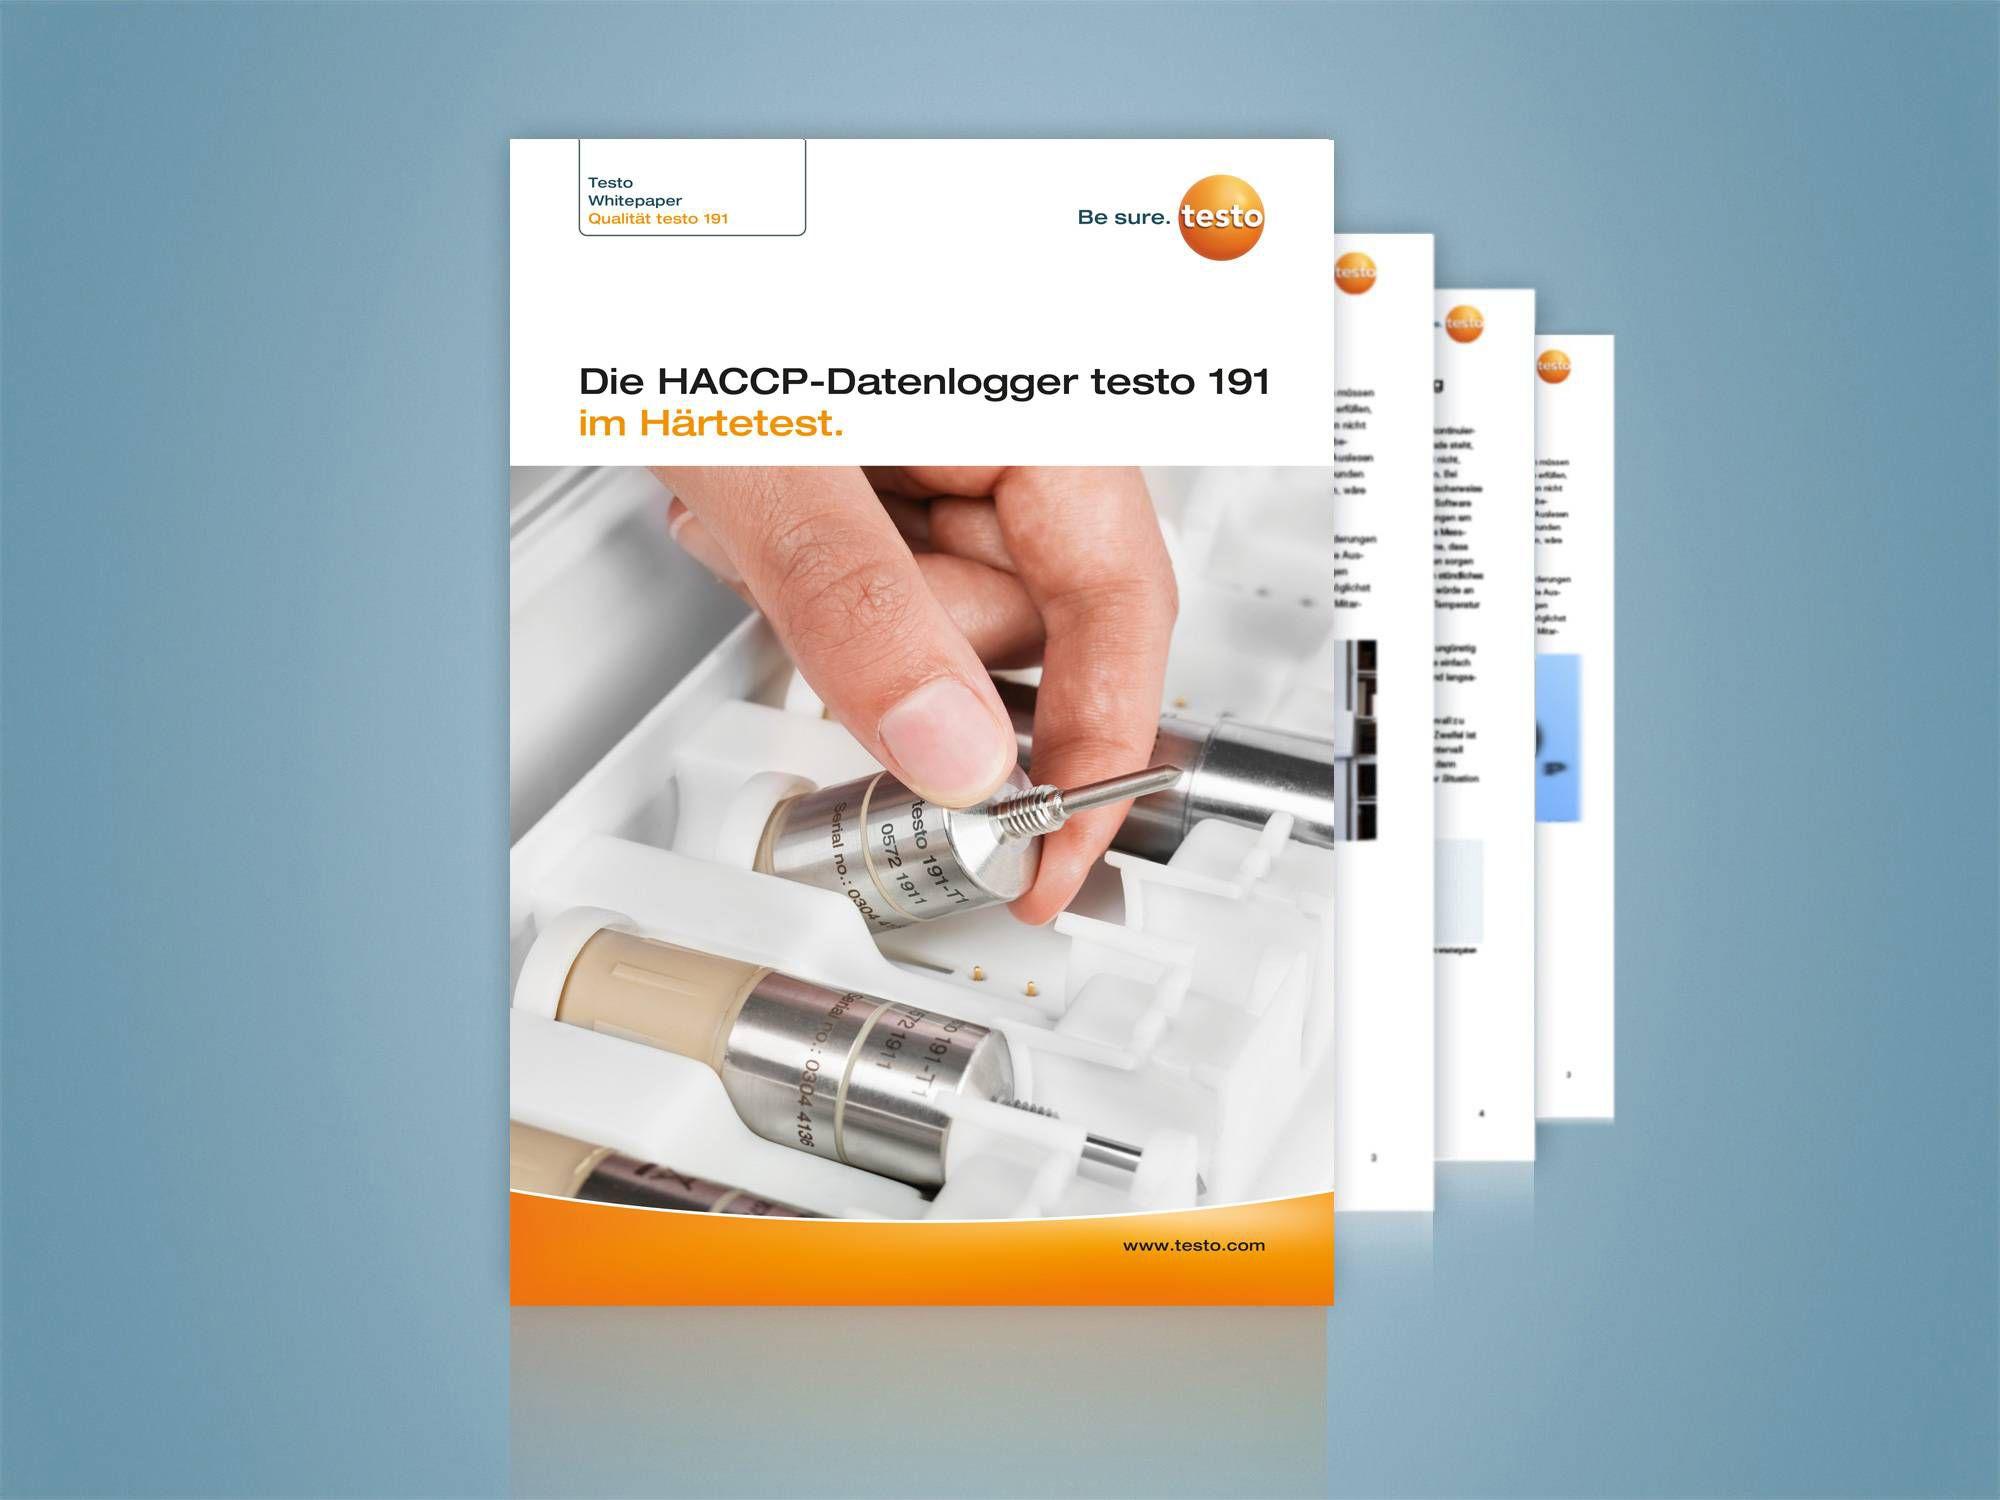 Whitepaper: Datenlogger testo 191 im Härtetest